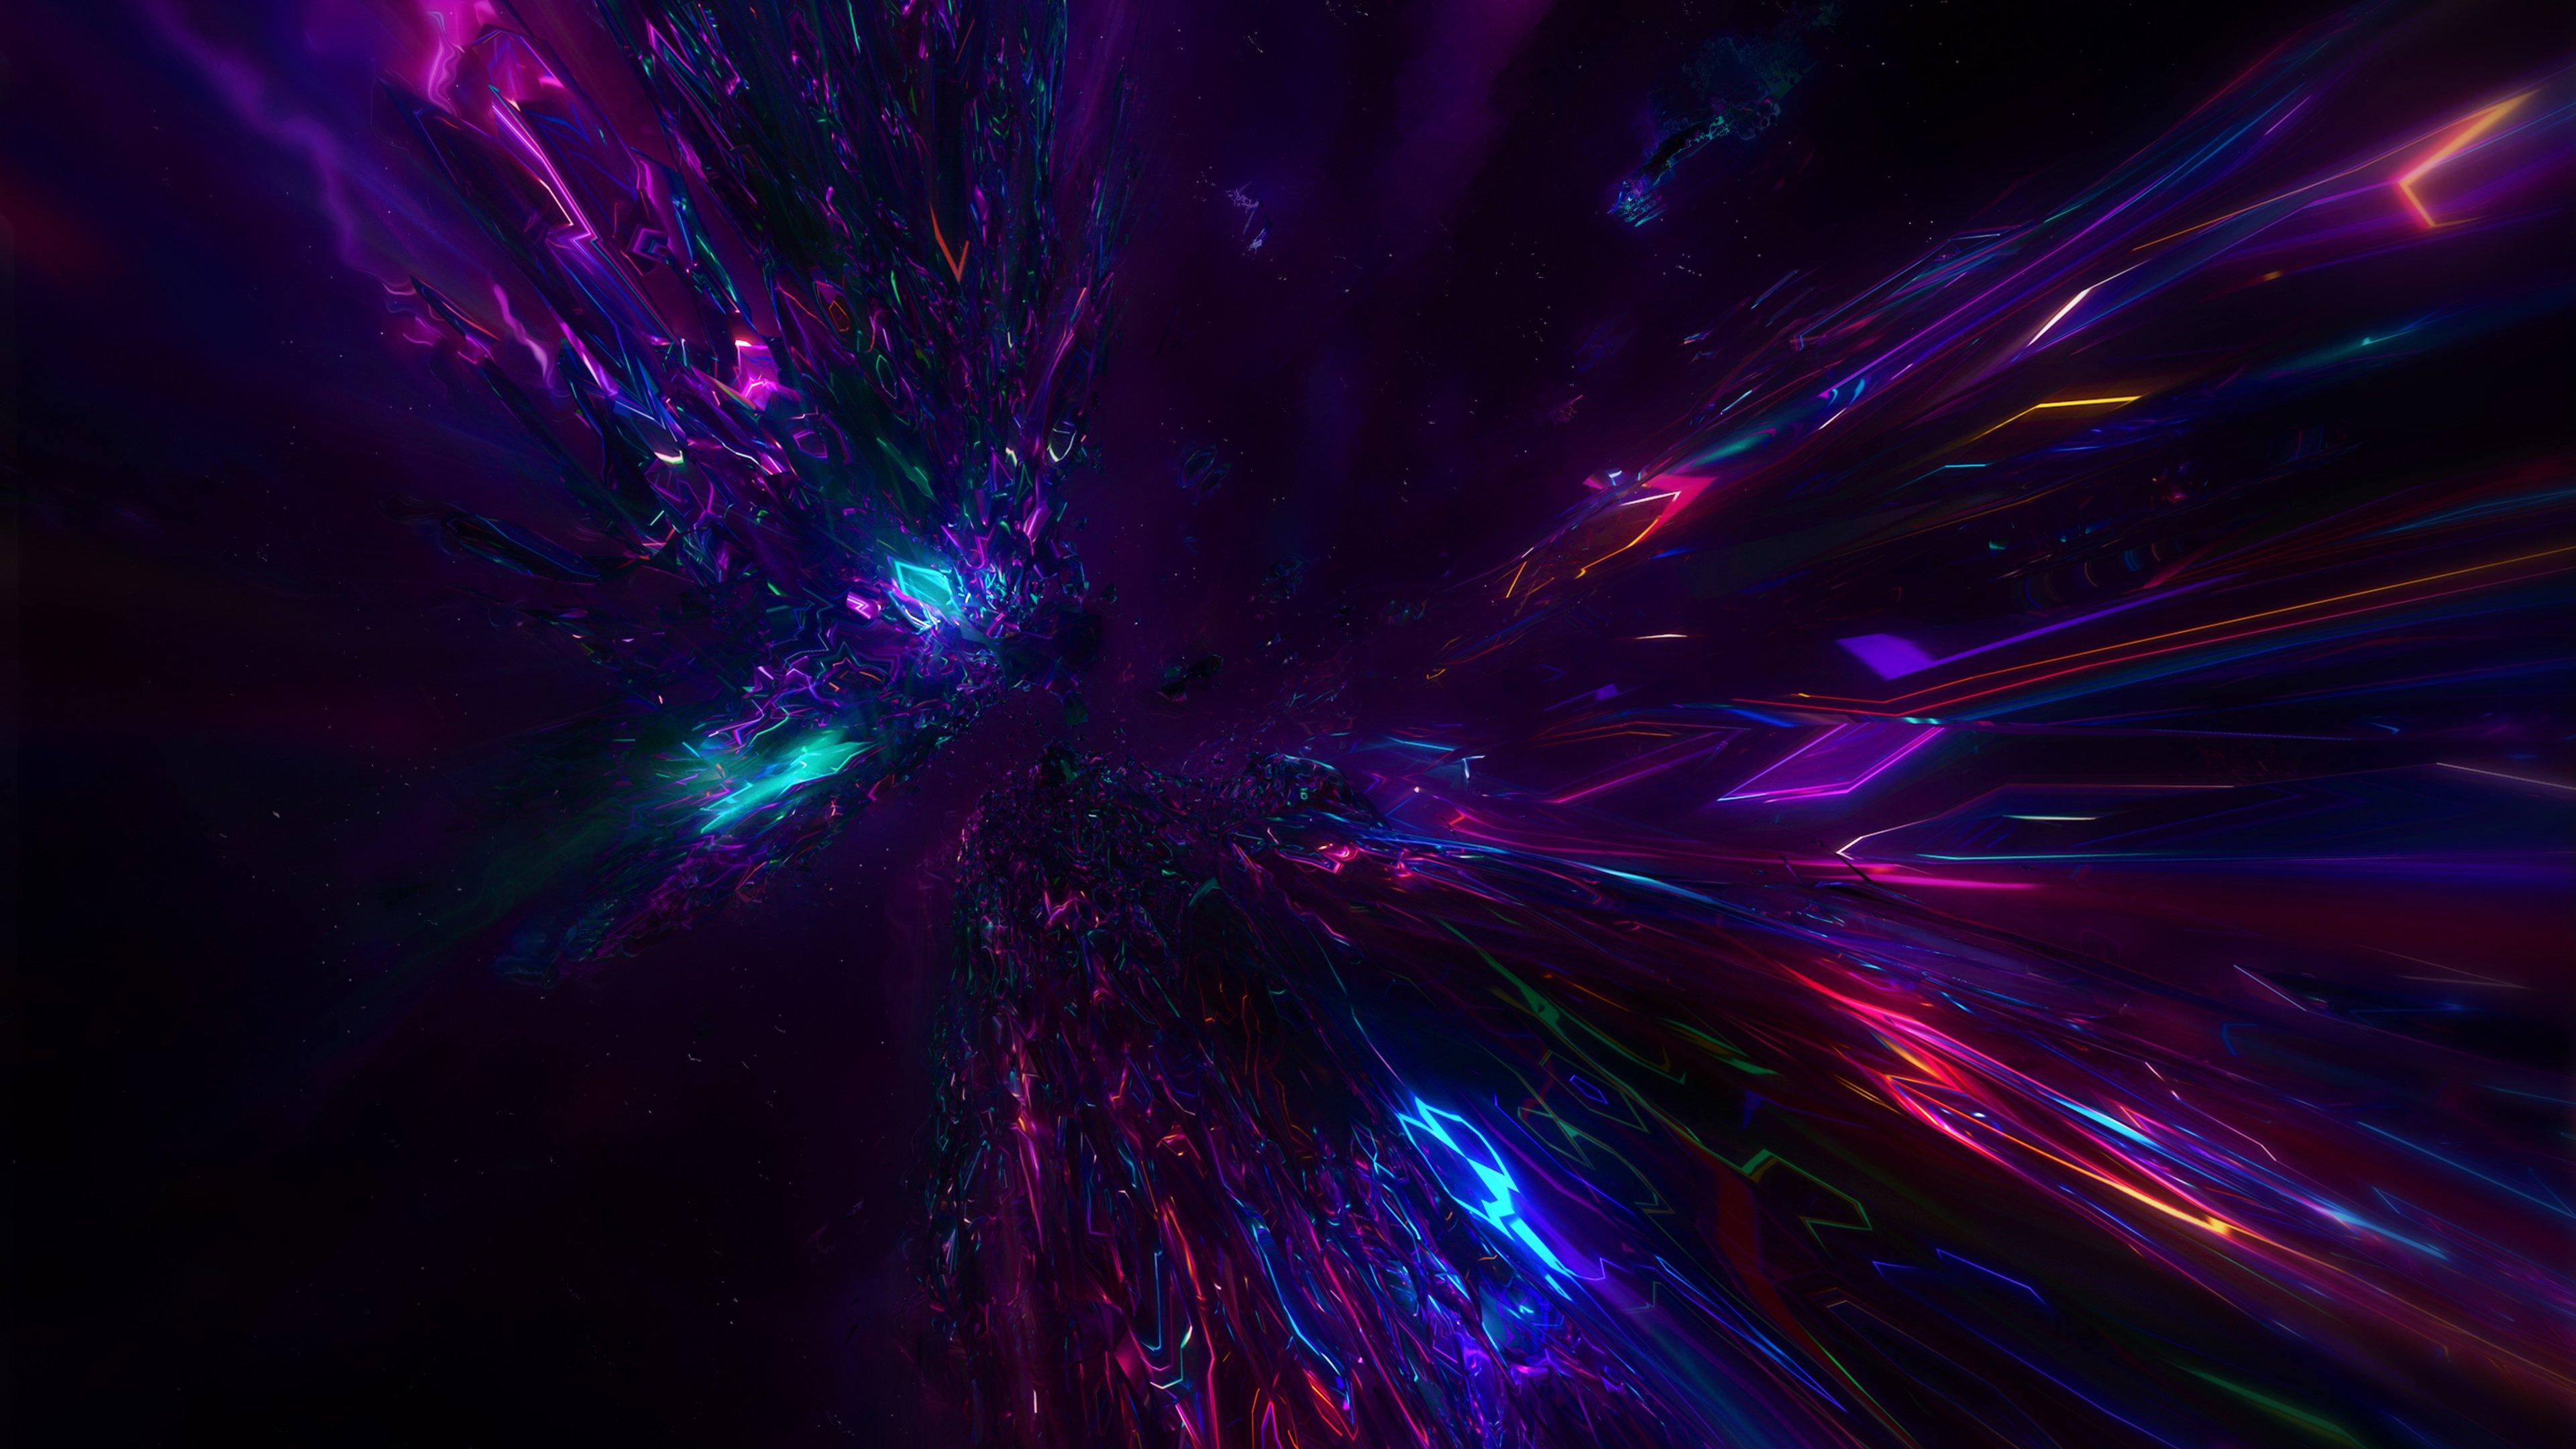 Fondos de pantalla Espacio Digital Abstracto